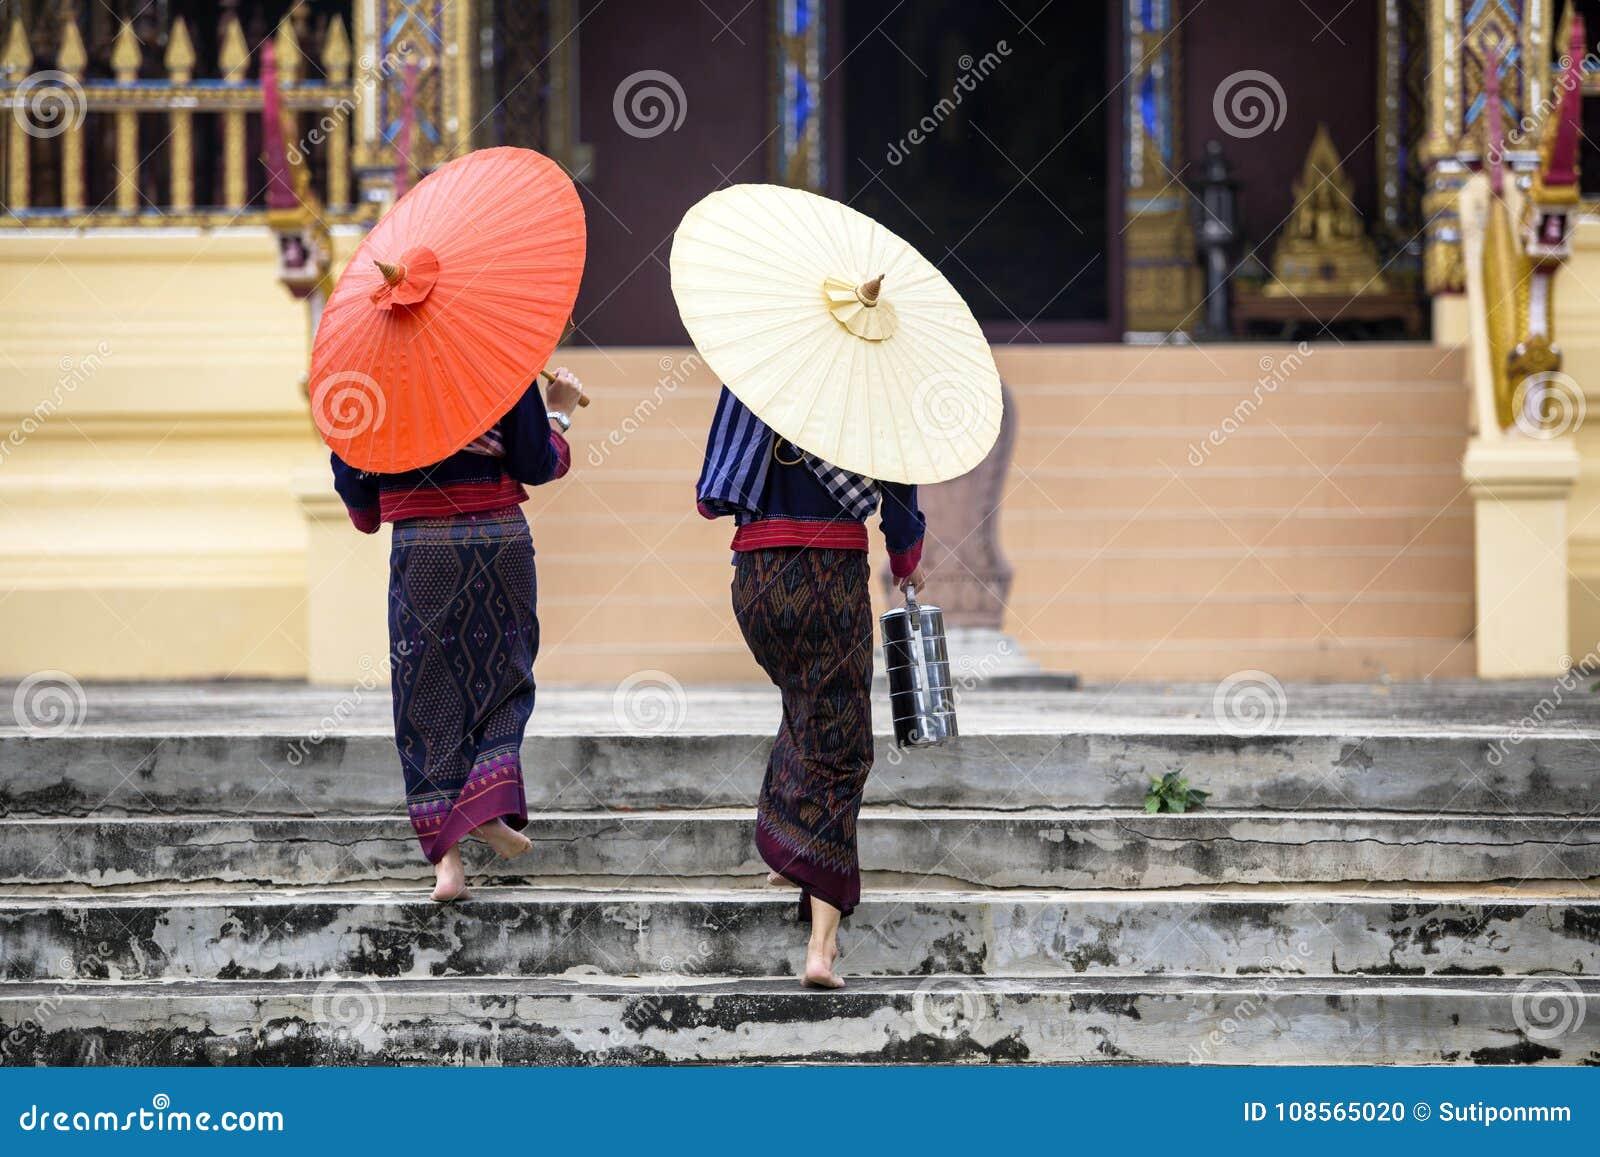 La gente budista de Tailandia va a la cría del templo del asiático